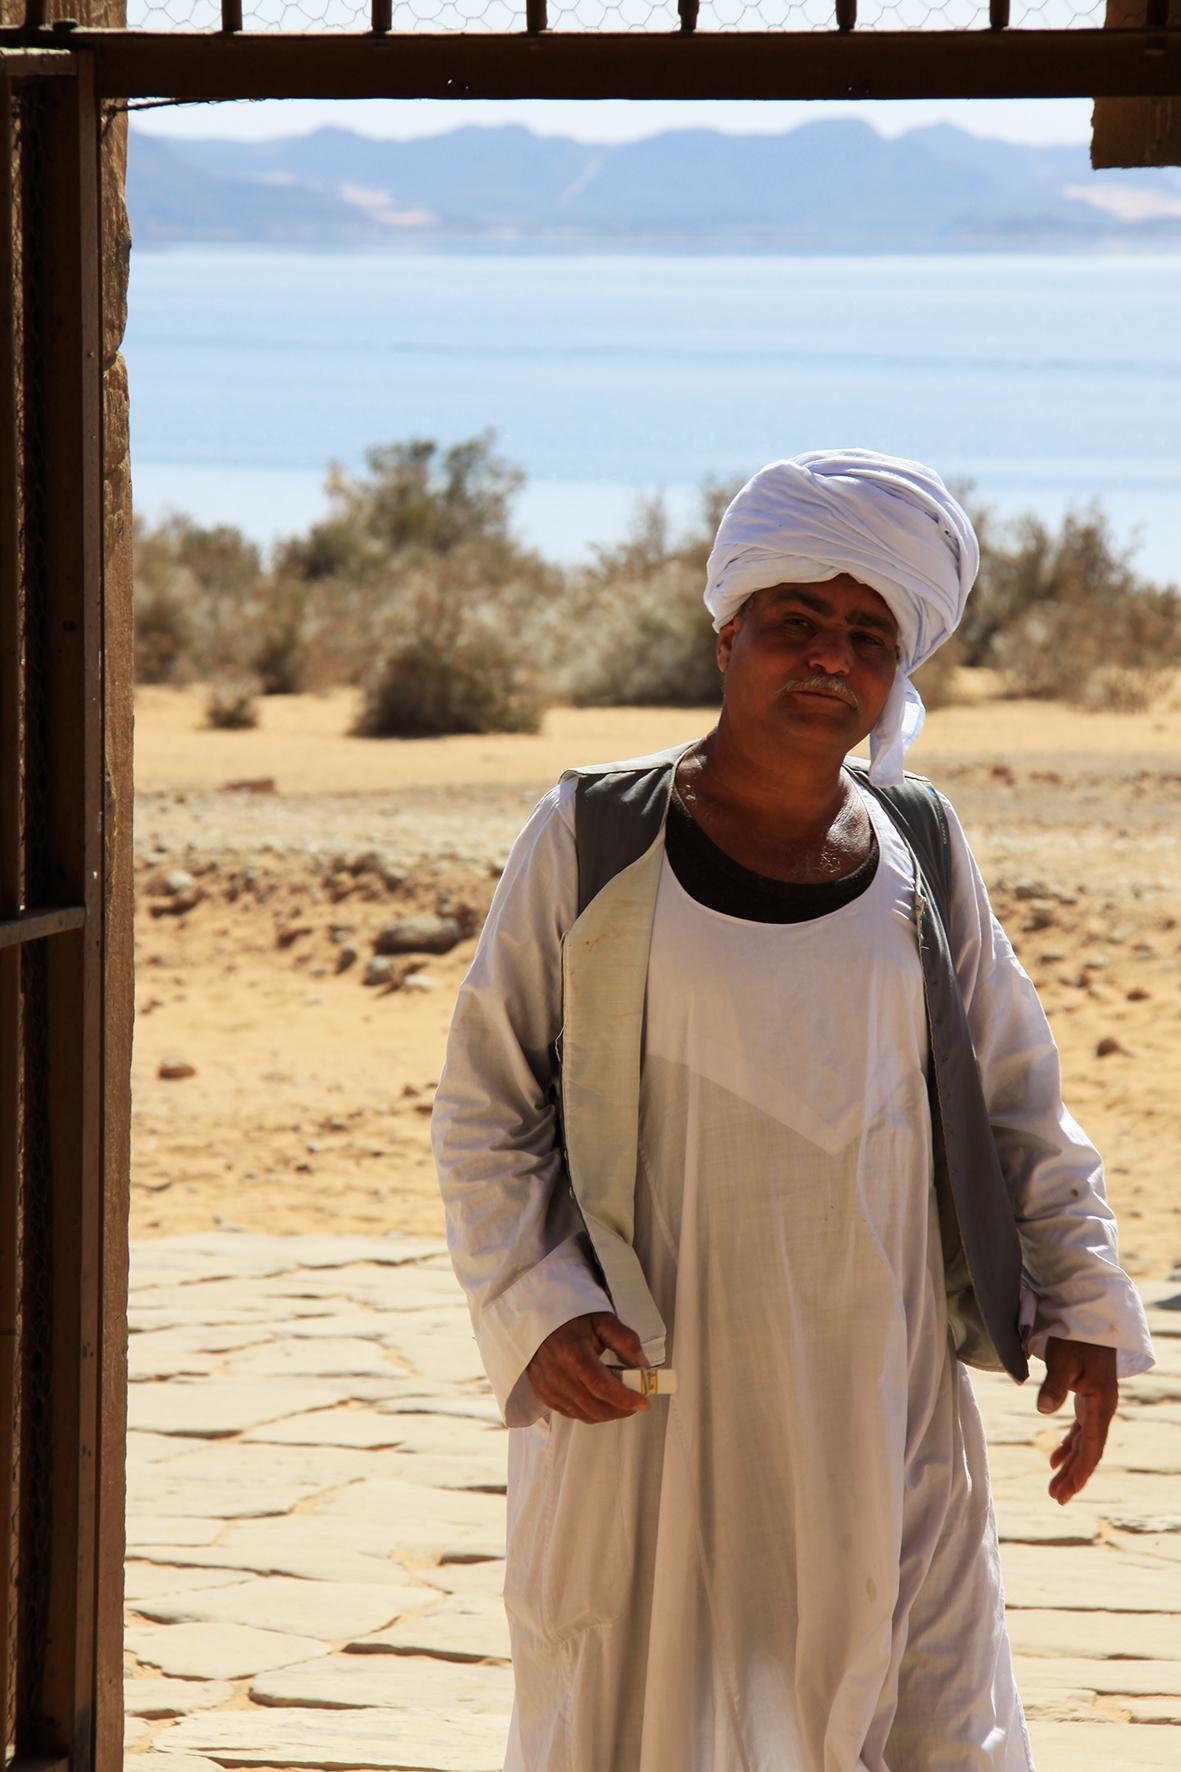 mensen - egypte